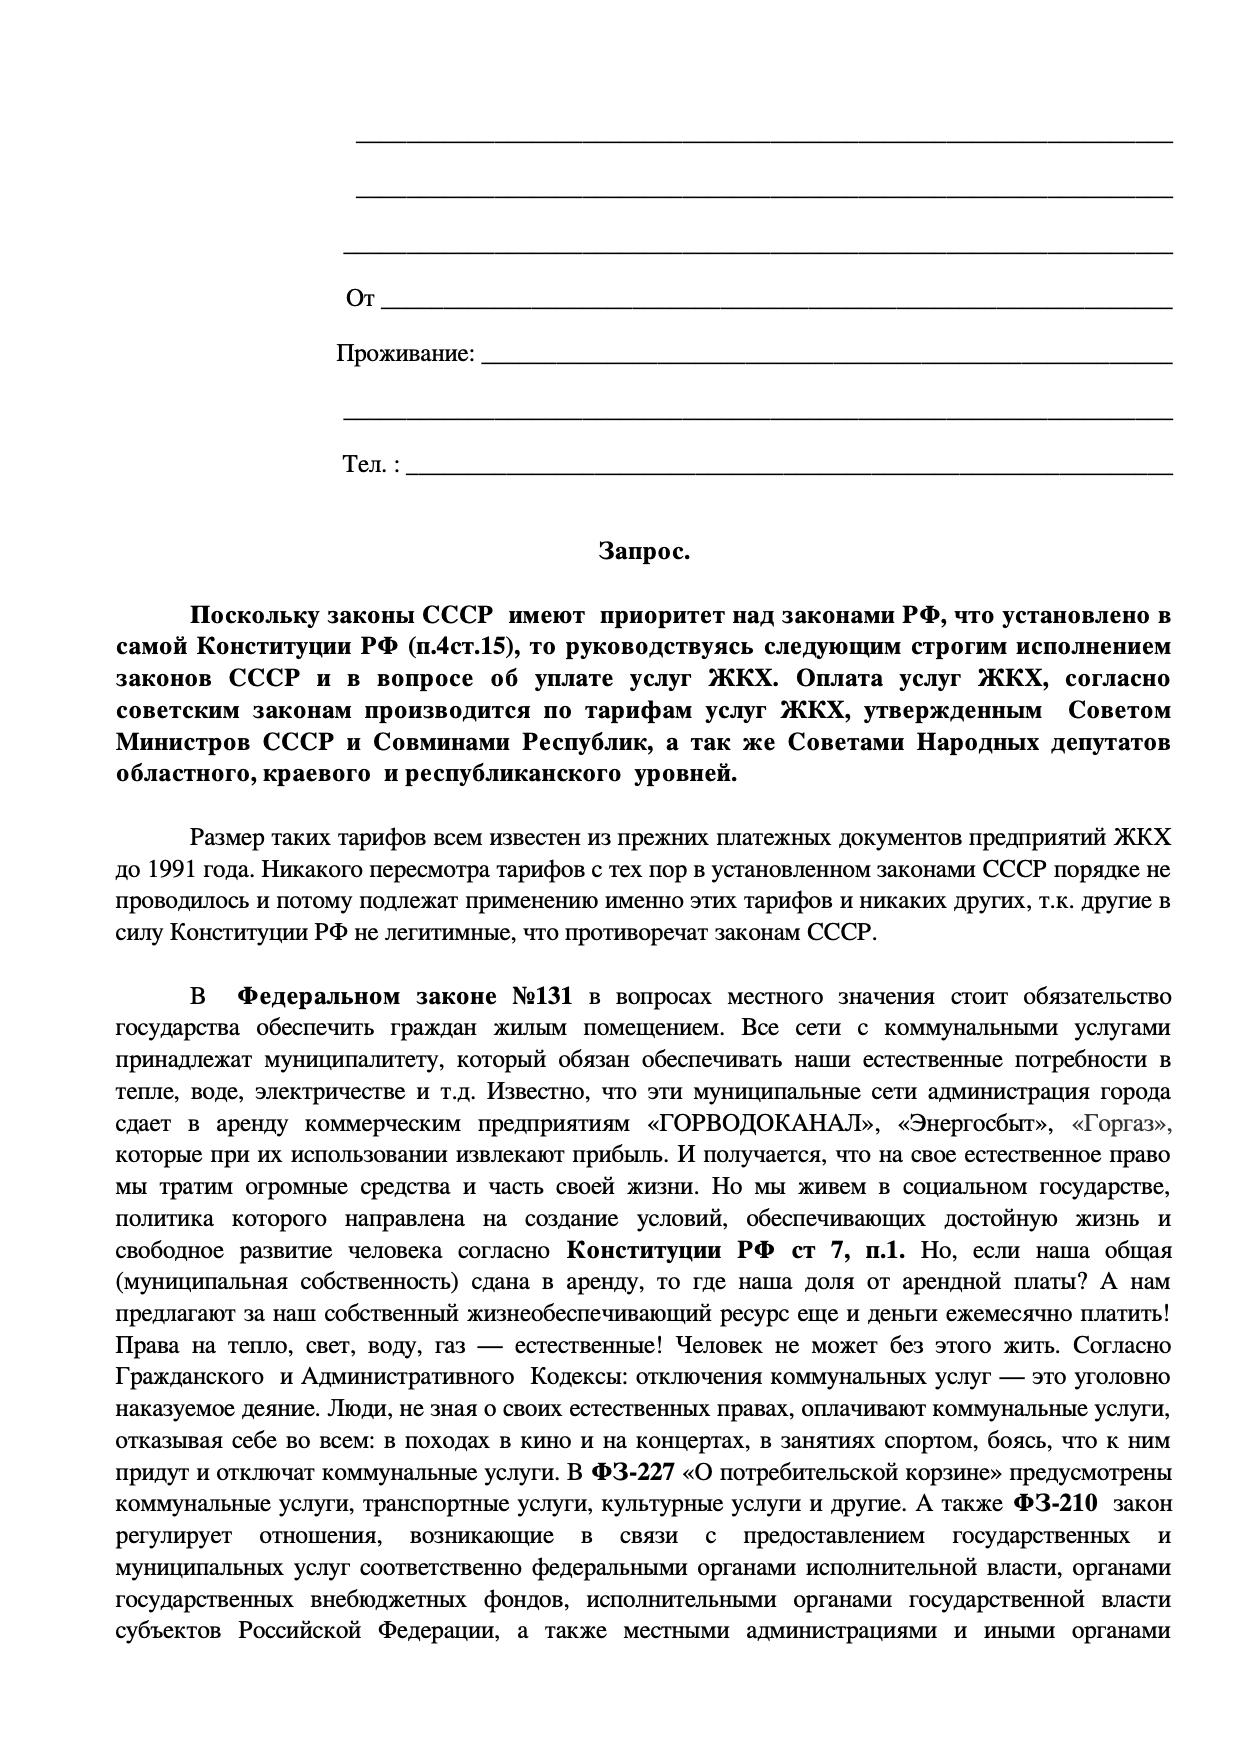 Запрос в коммунальные службы, который, как считают мои родственники, позволяет не платить за коммуналку